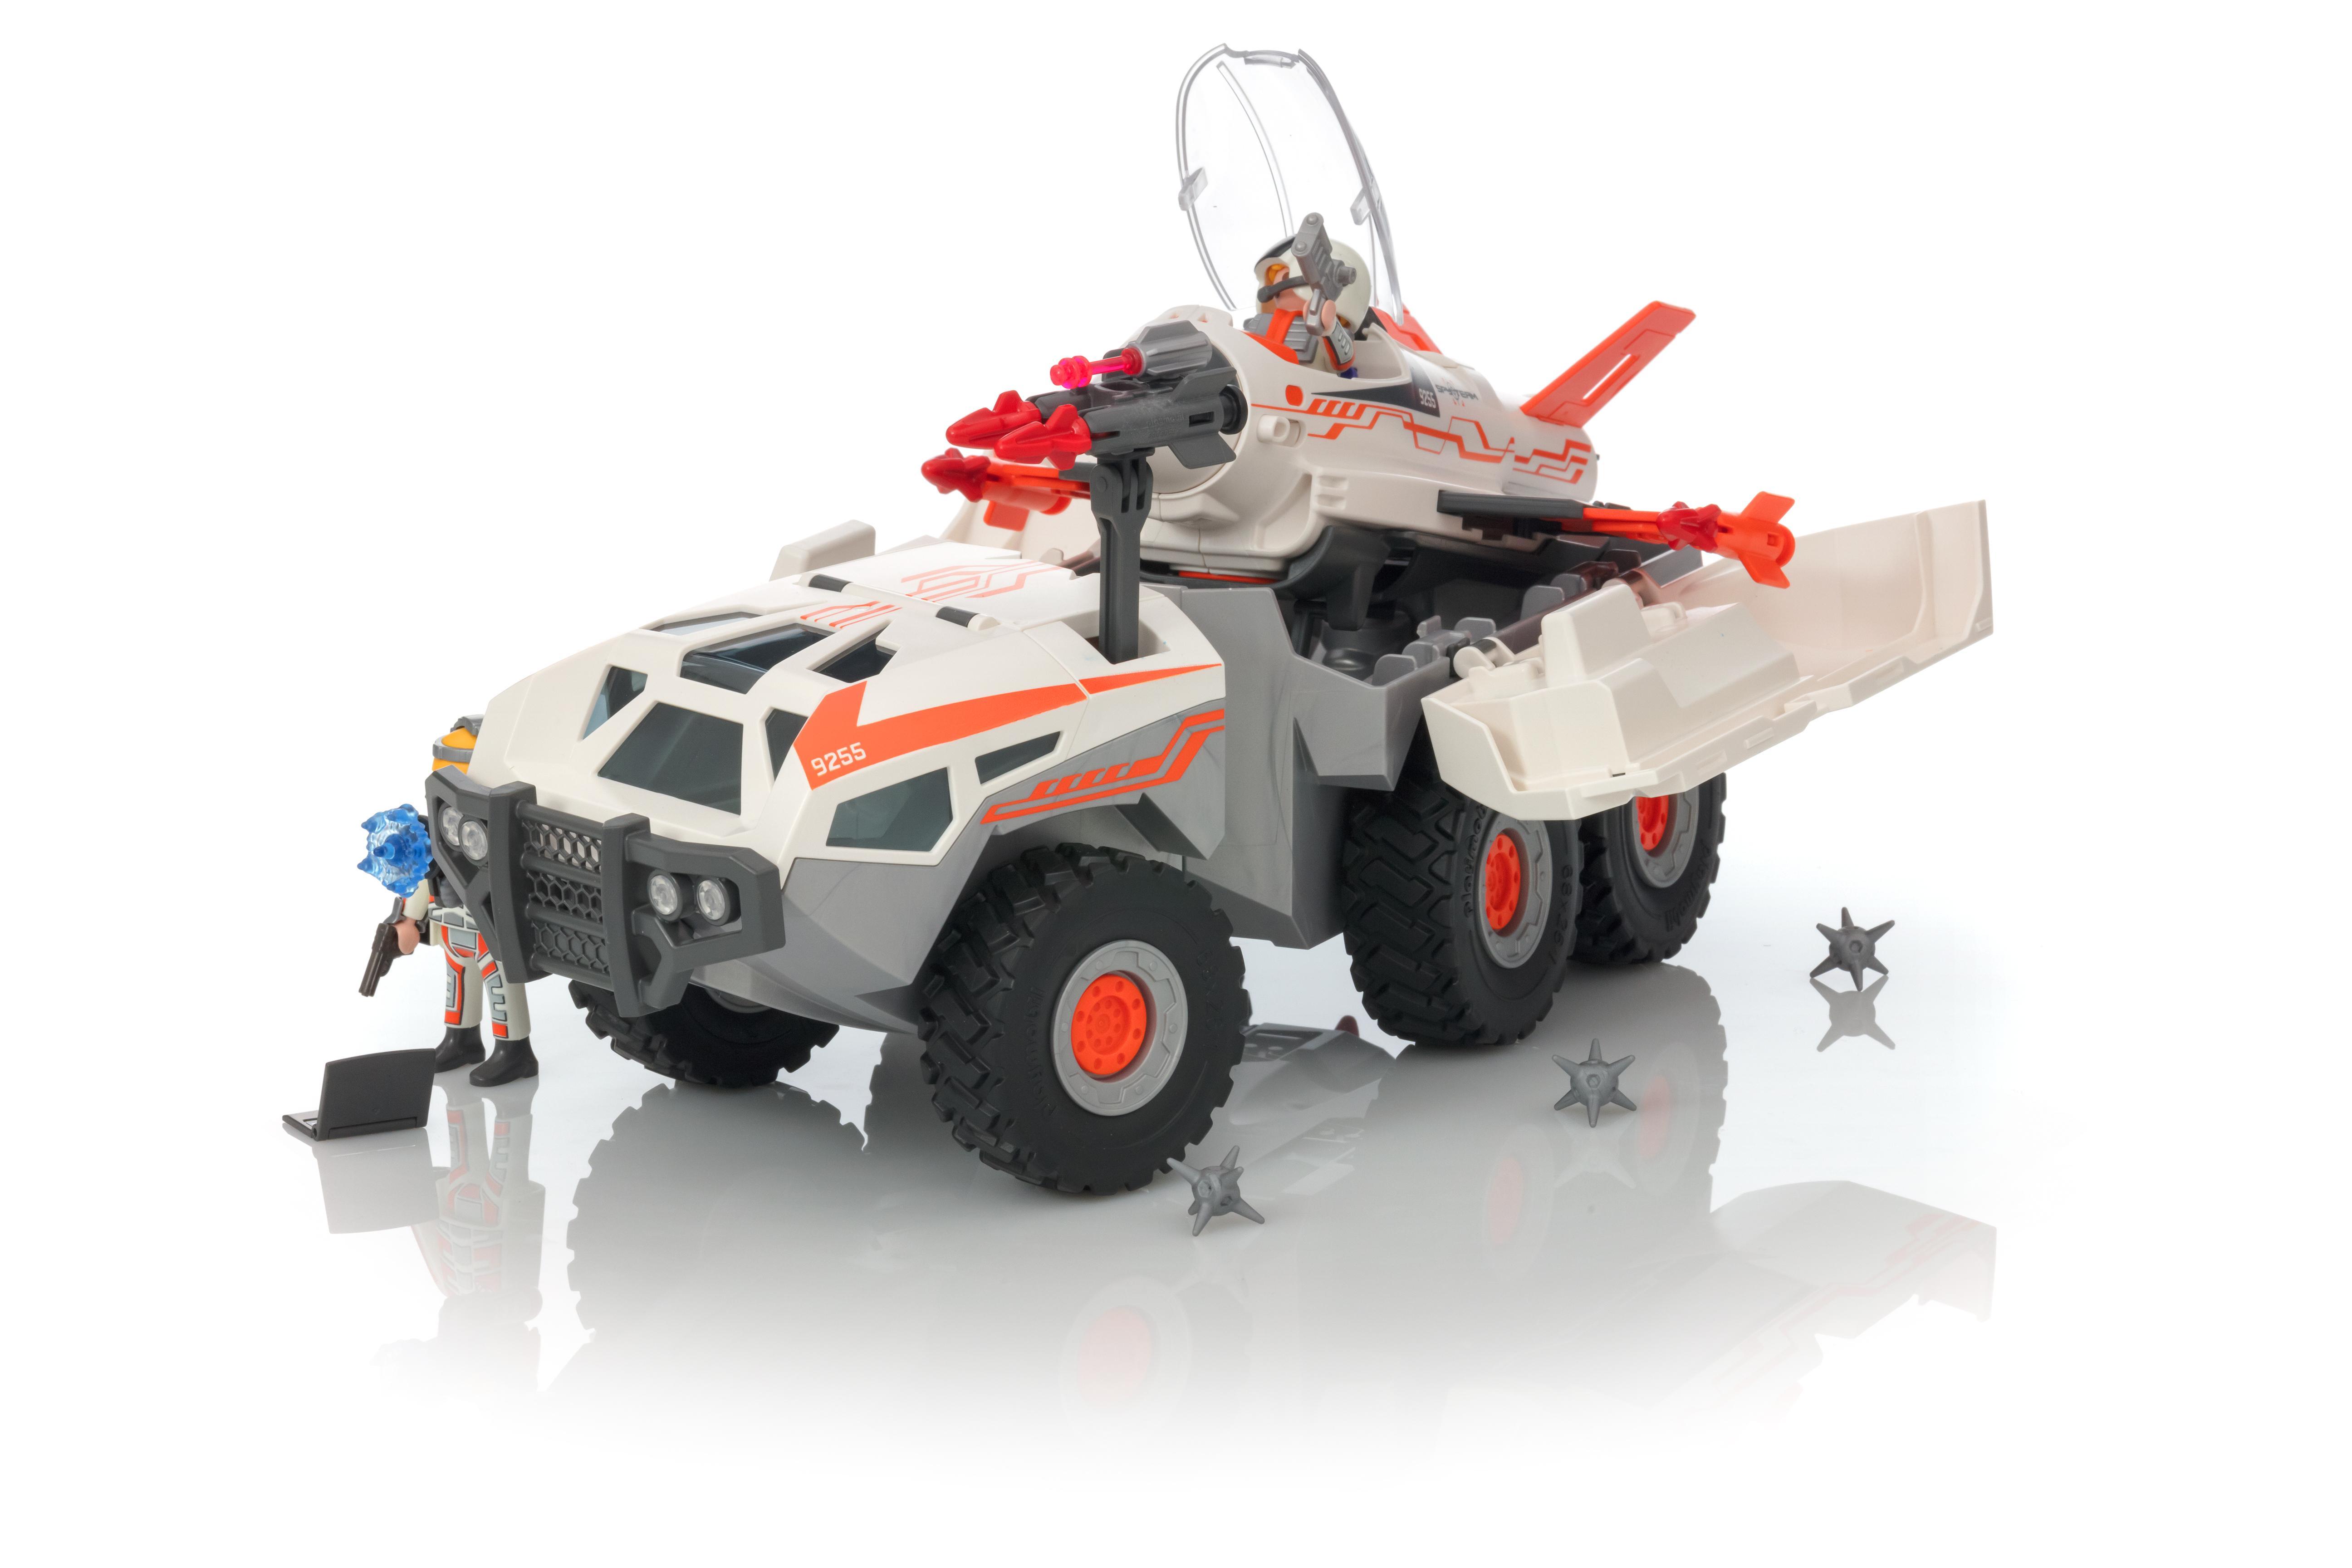 Spy Team Battle Truck 9255 Playmobil Deutschland